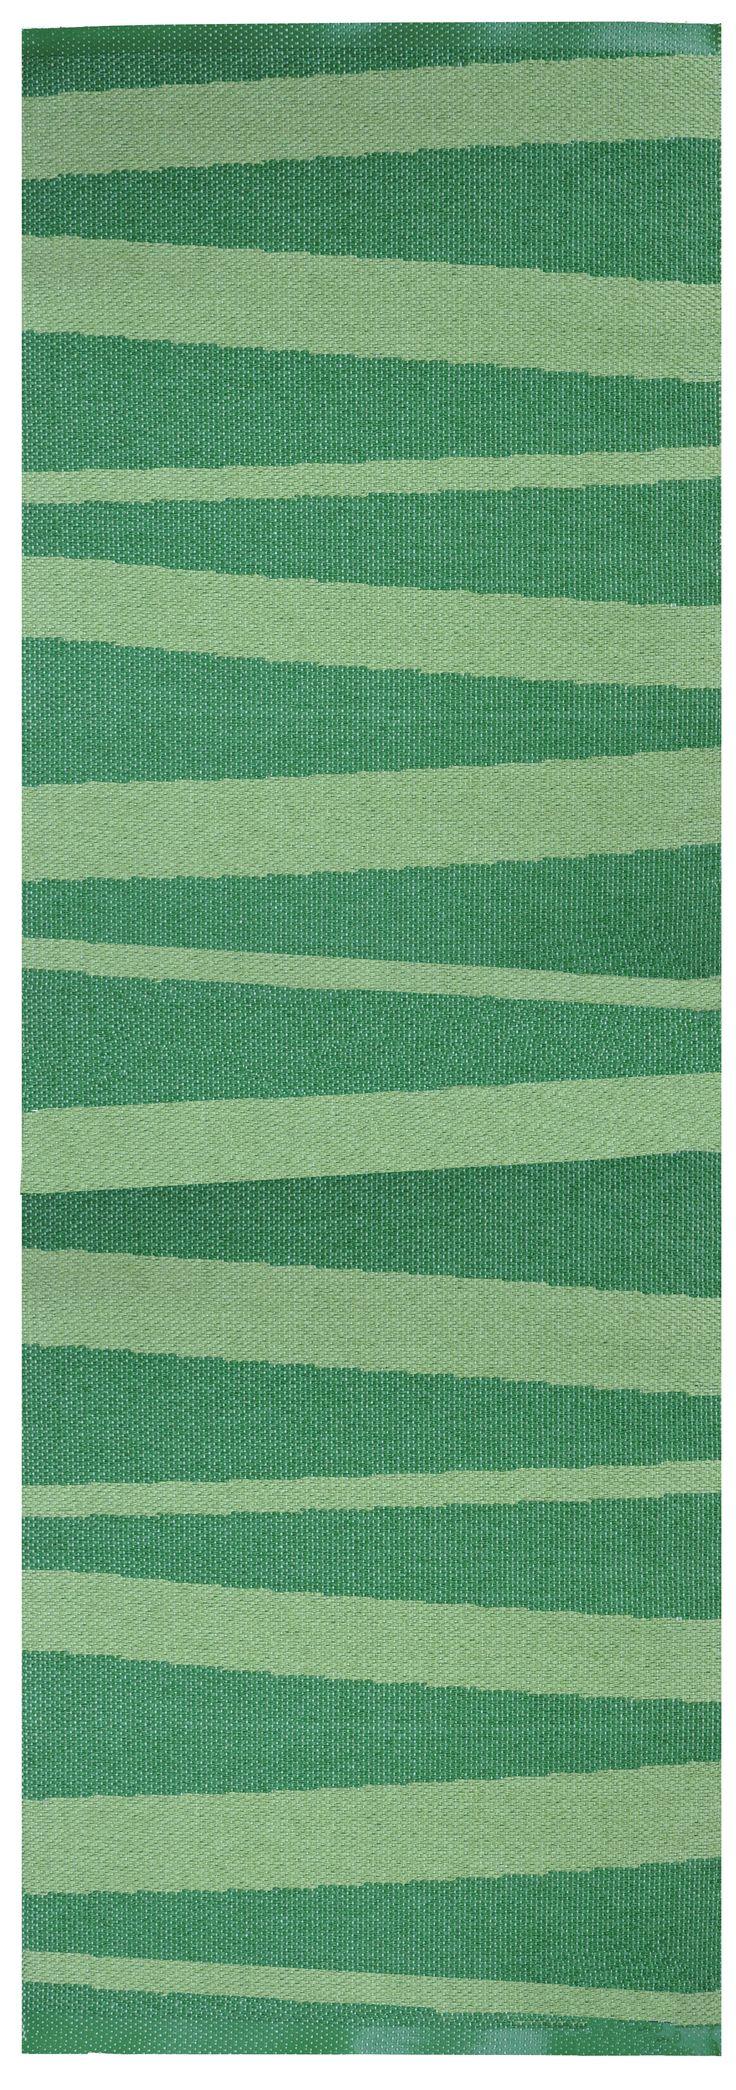 Åre matta - Grön från Sofie Sjöström design hos ConfidentLiving.se